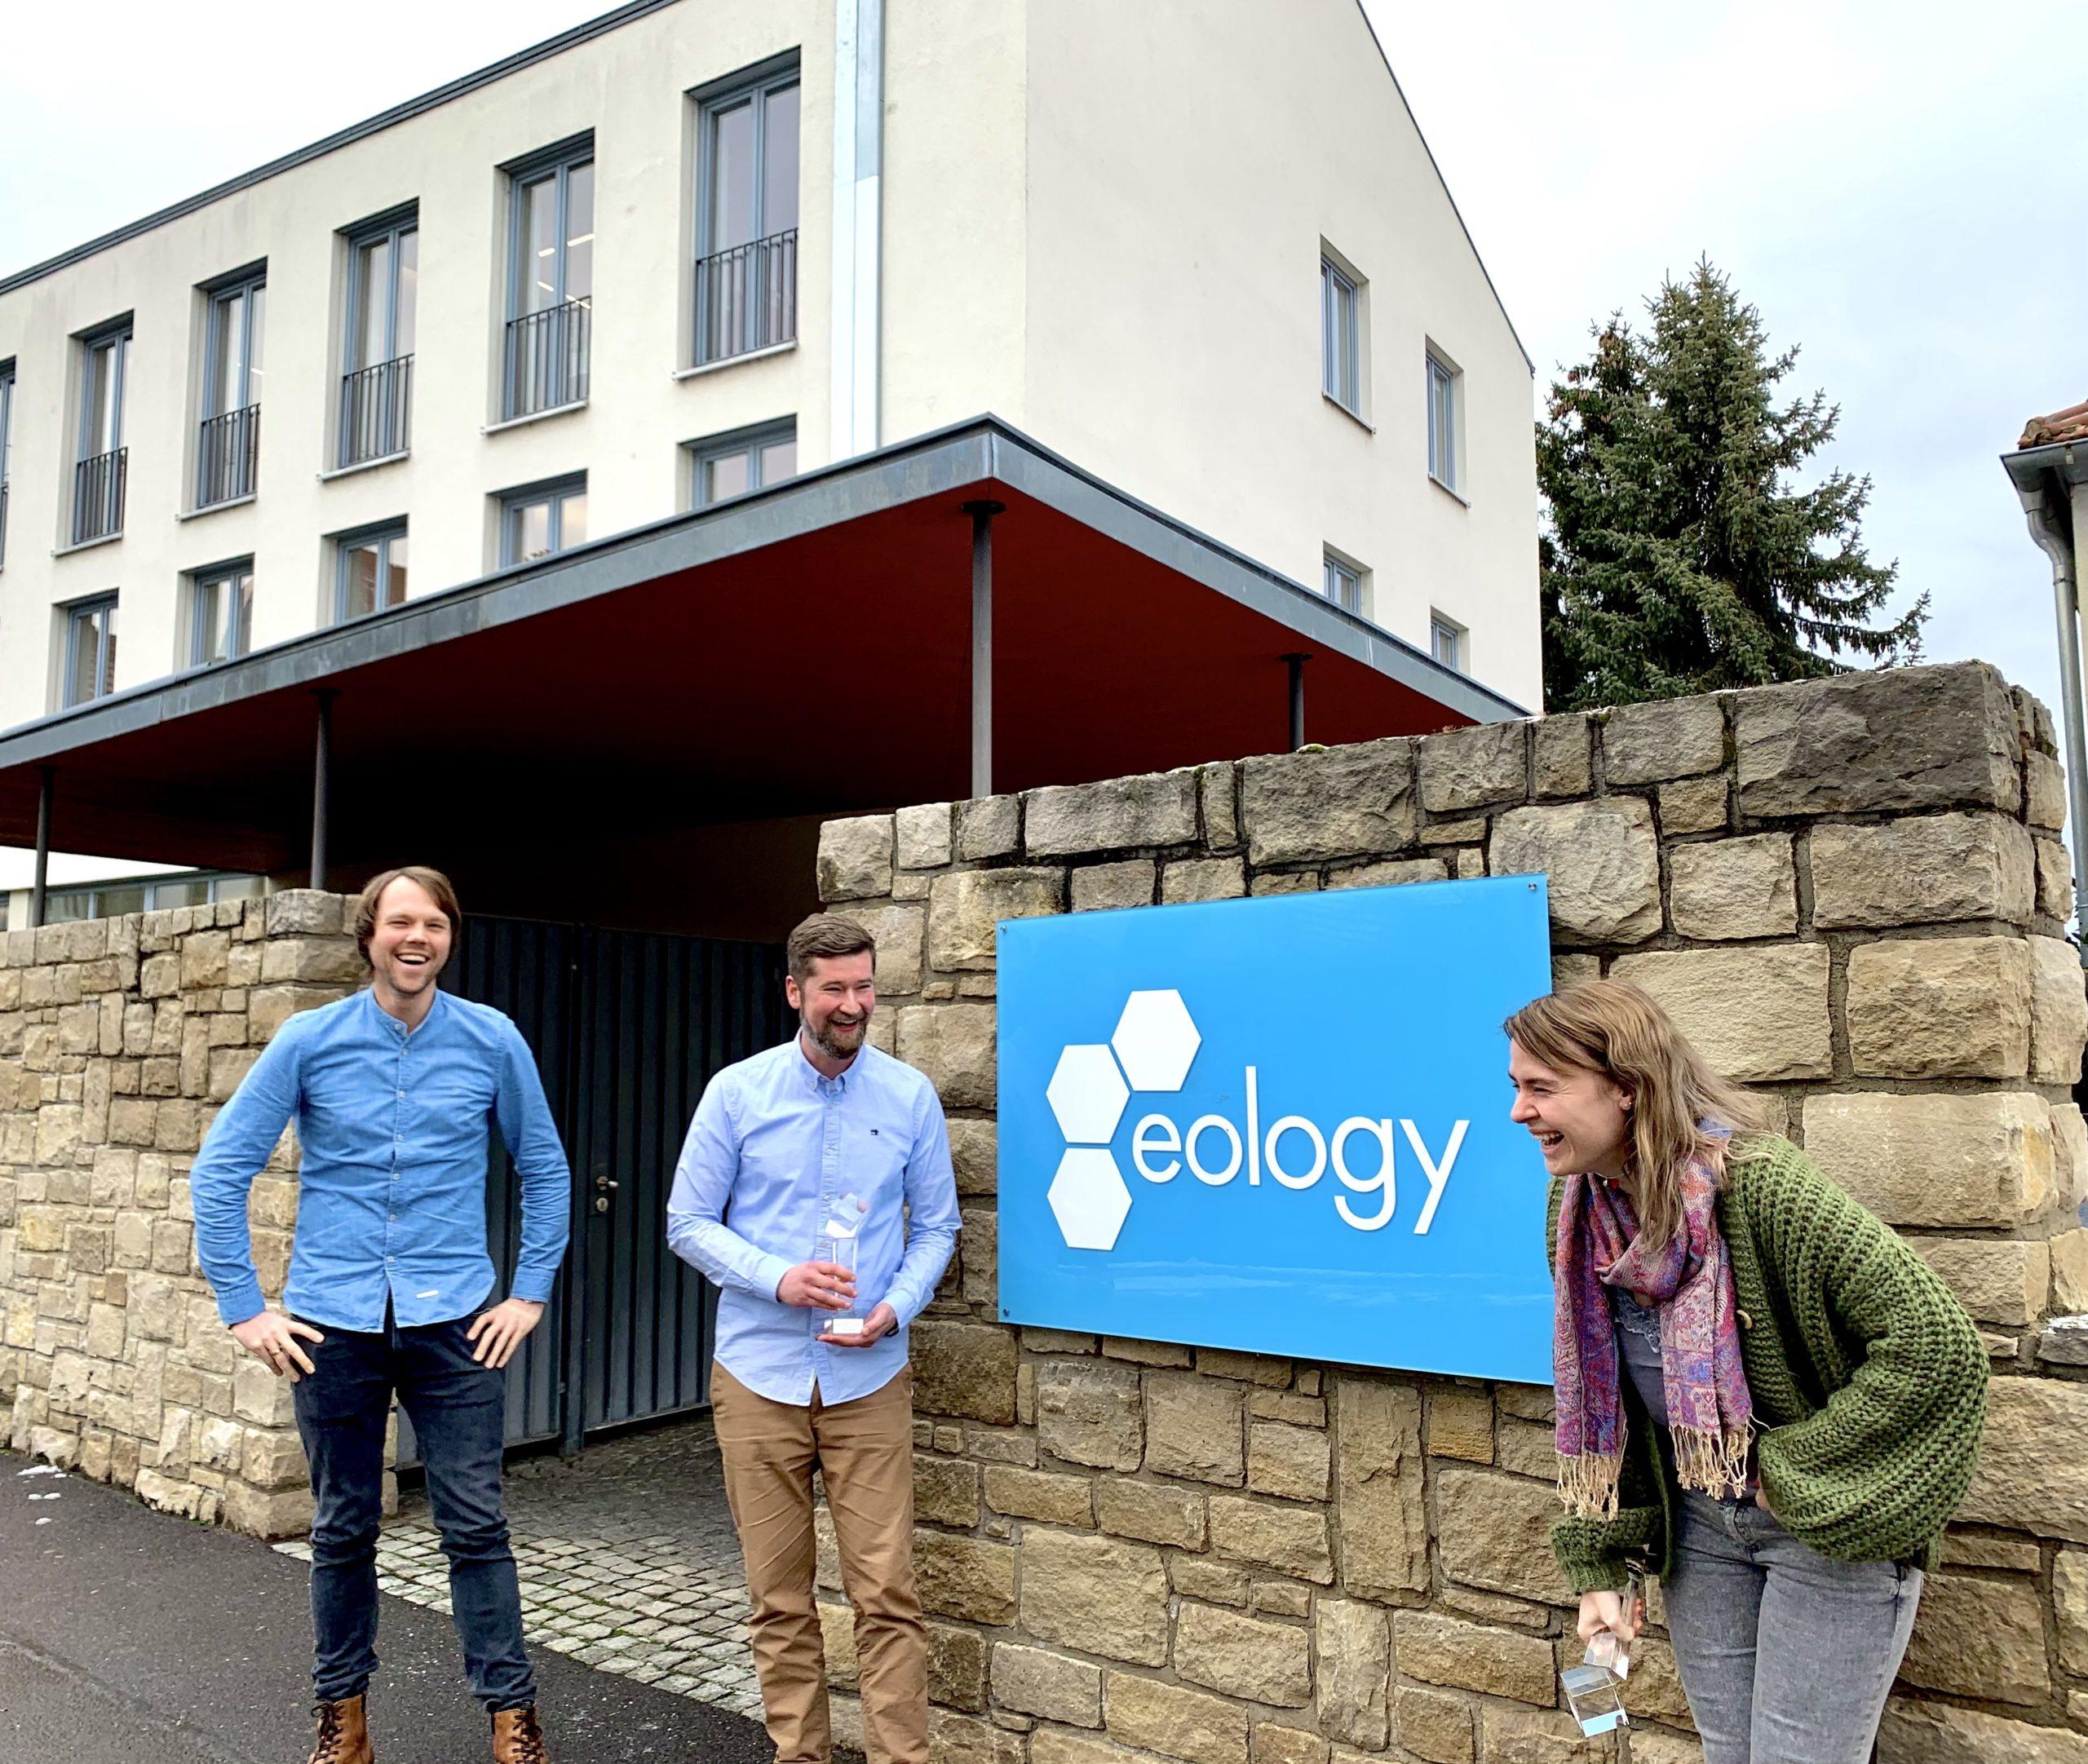 Auf dem Bild zu sehen sind die beiden Geschäftsführer Daniel Unger und Axel Scheuering mit Senior SEO Consultant Lena Kapp vor dem Volkacher Büro der eology GmbH.